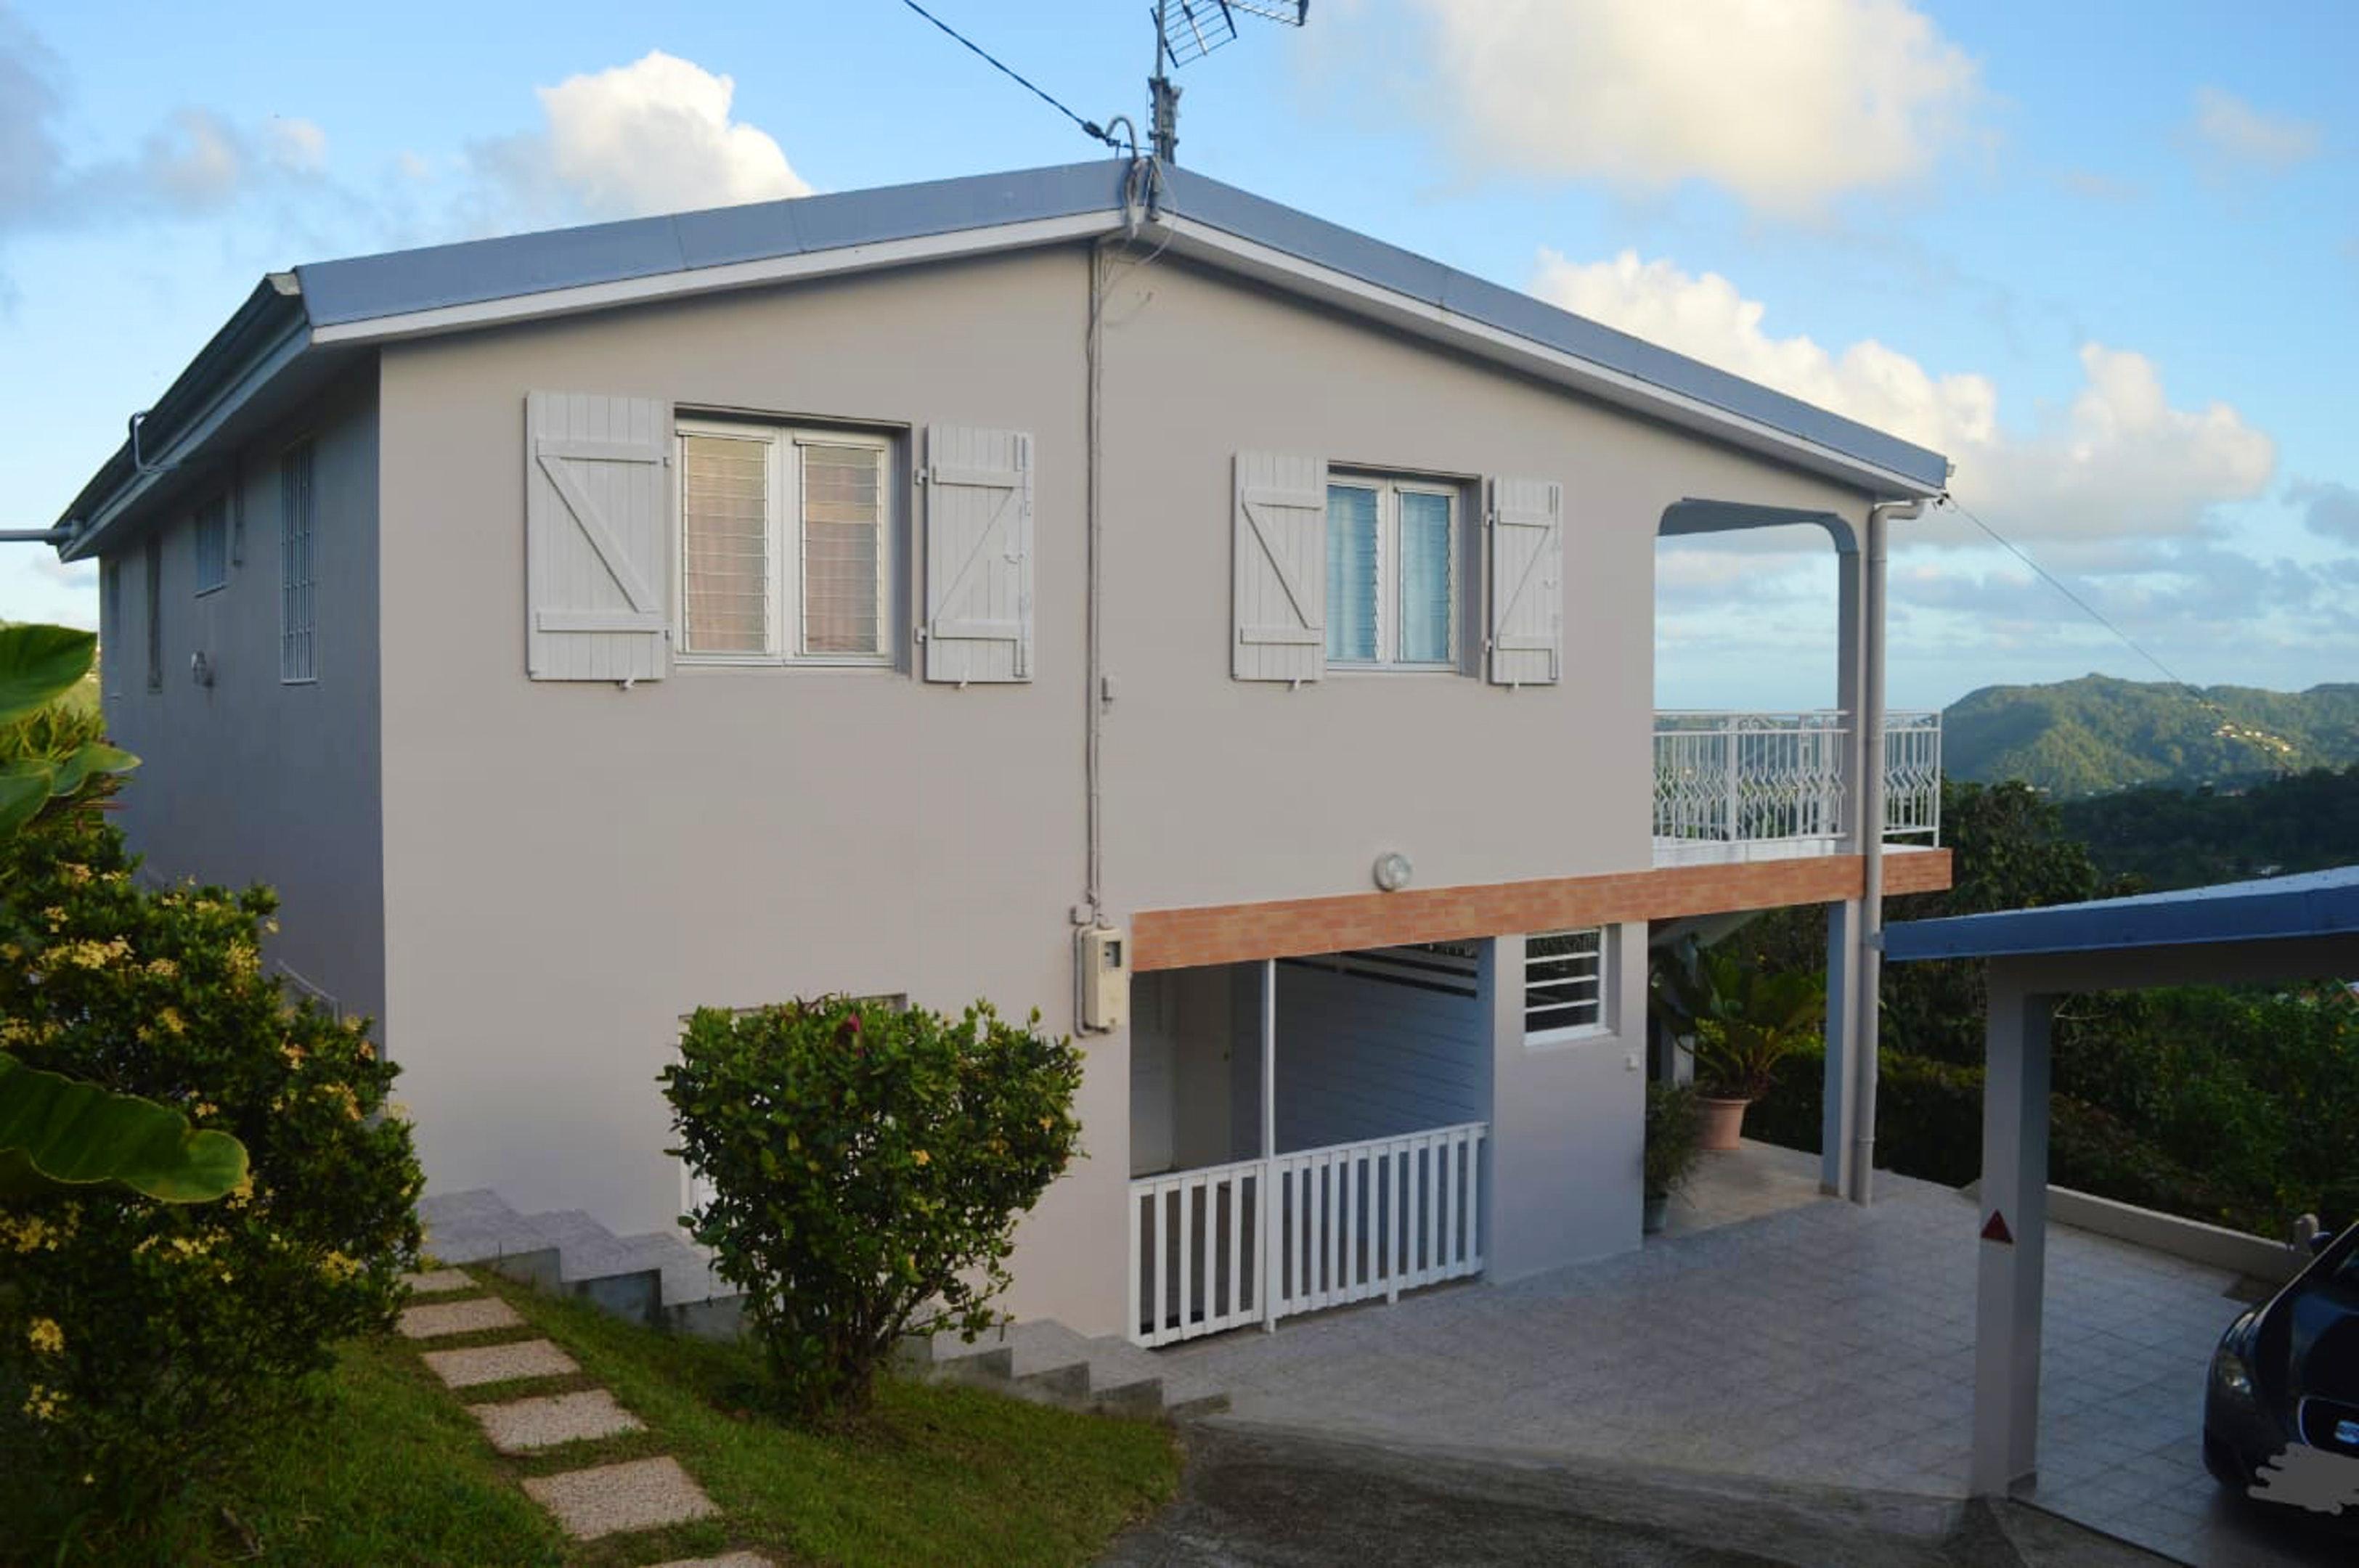 Haus mit 2 Schlafzimmern in Rivière-Pilote mit toller Aussicht auf die Berge, eingezäuntem Garten und W-LAN